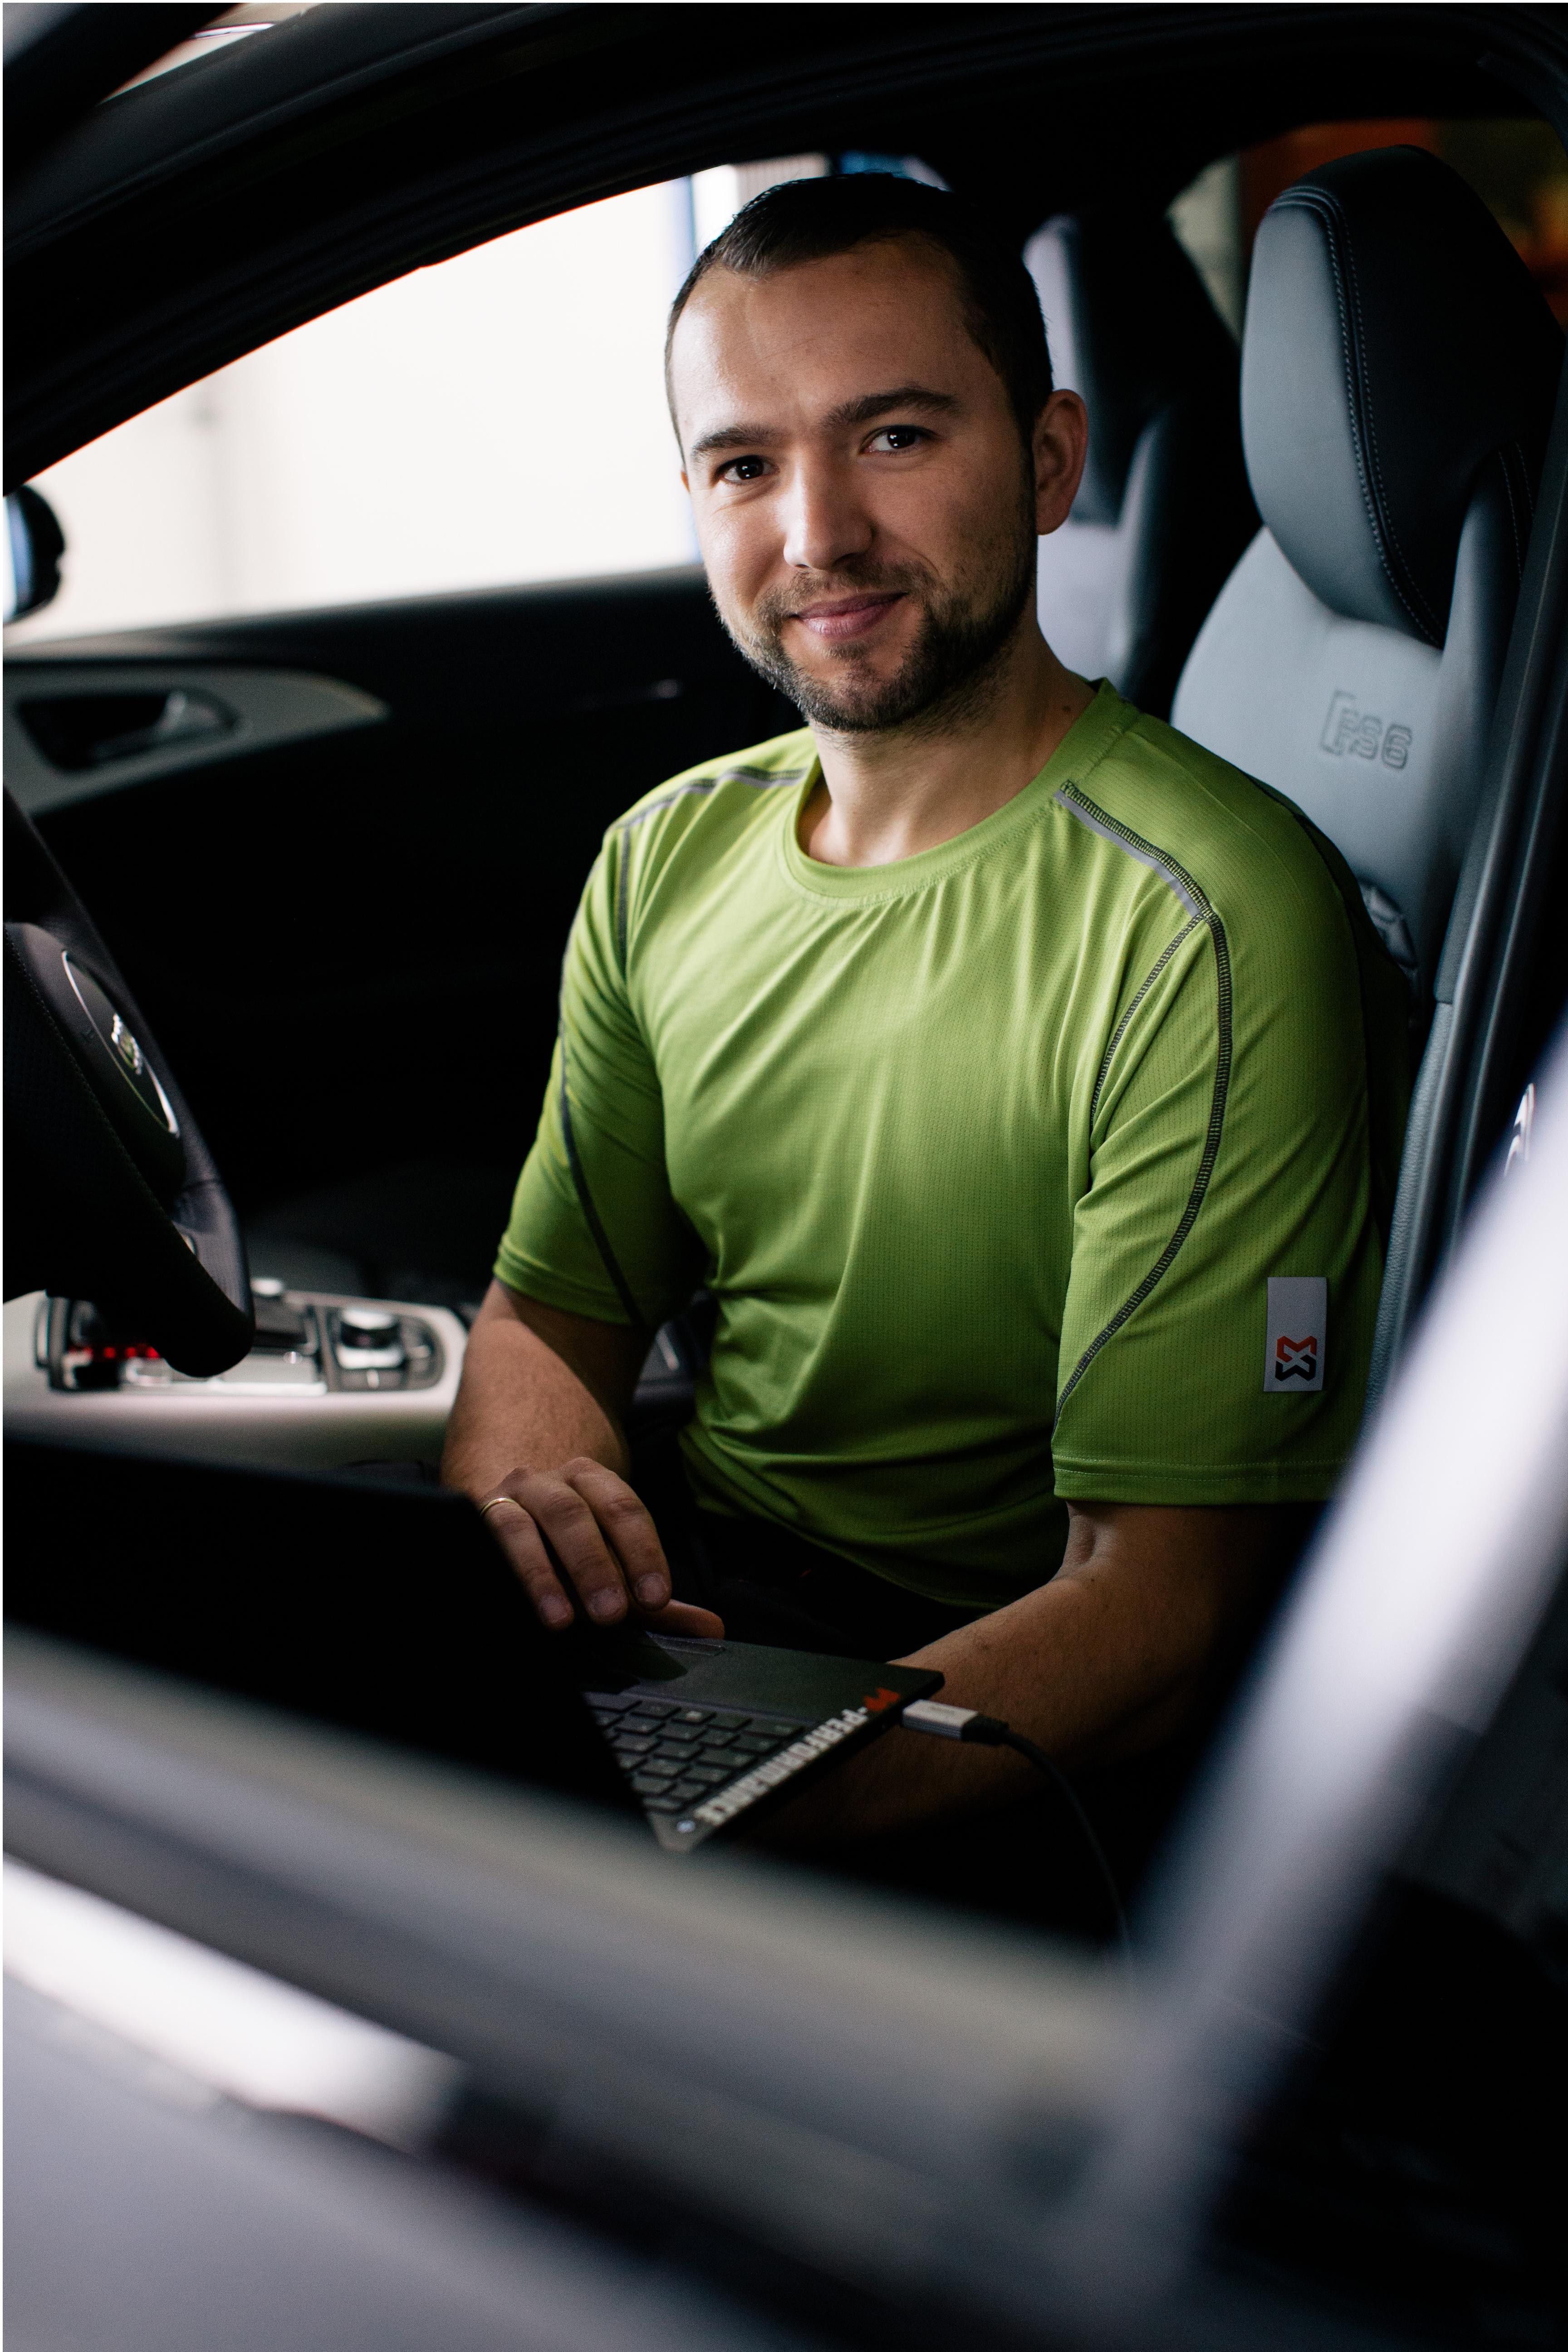 Beim programmieren und tunen des Autos trägt Jimmy Pelka am liebsten das atmungsaktive Arbeits-T-Shirt TTS in der Farbe lemon.